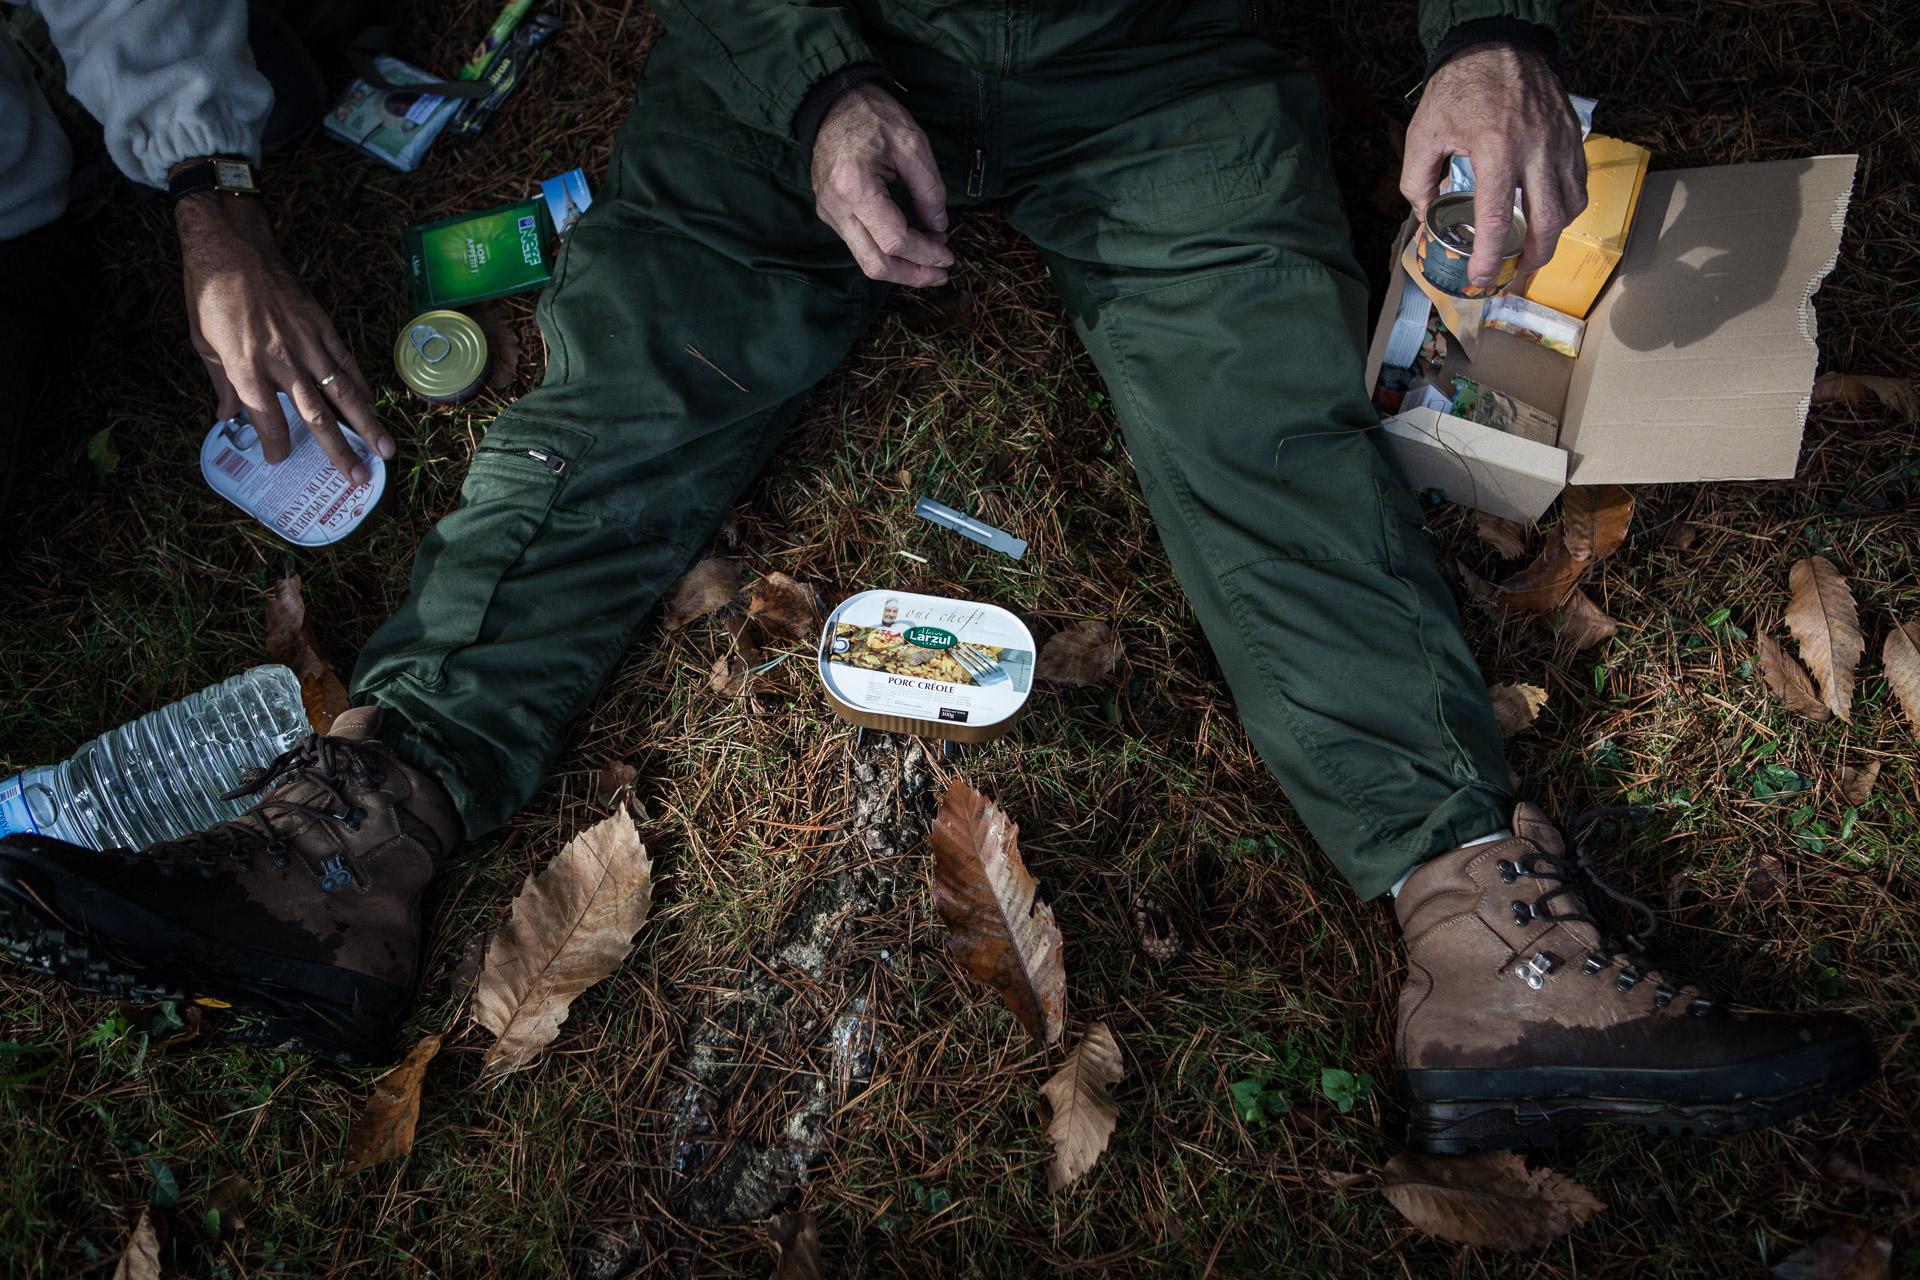 Coëtquidan, le 17 Octobre 2013. Pour le repas du midi, le stagiaires découvrent les rations de survie de l'armée.Coëtquidan, 17 October 2013. For lunch, the students discover the survival rations of the army.